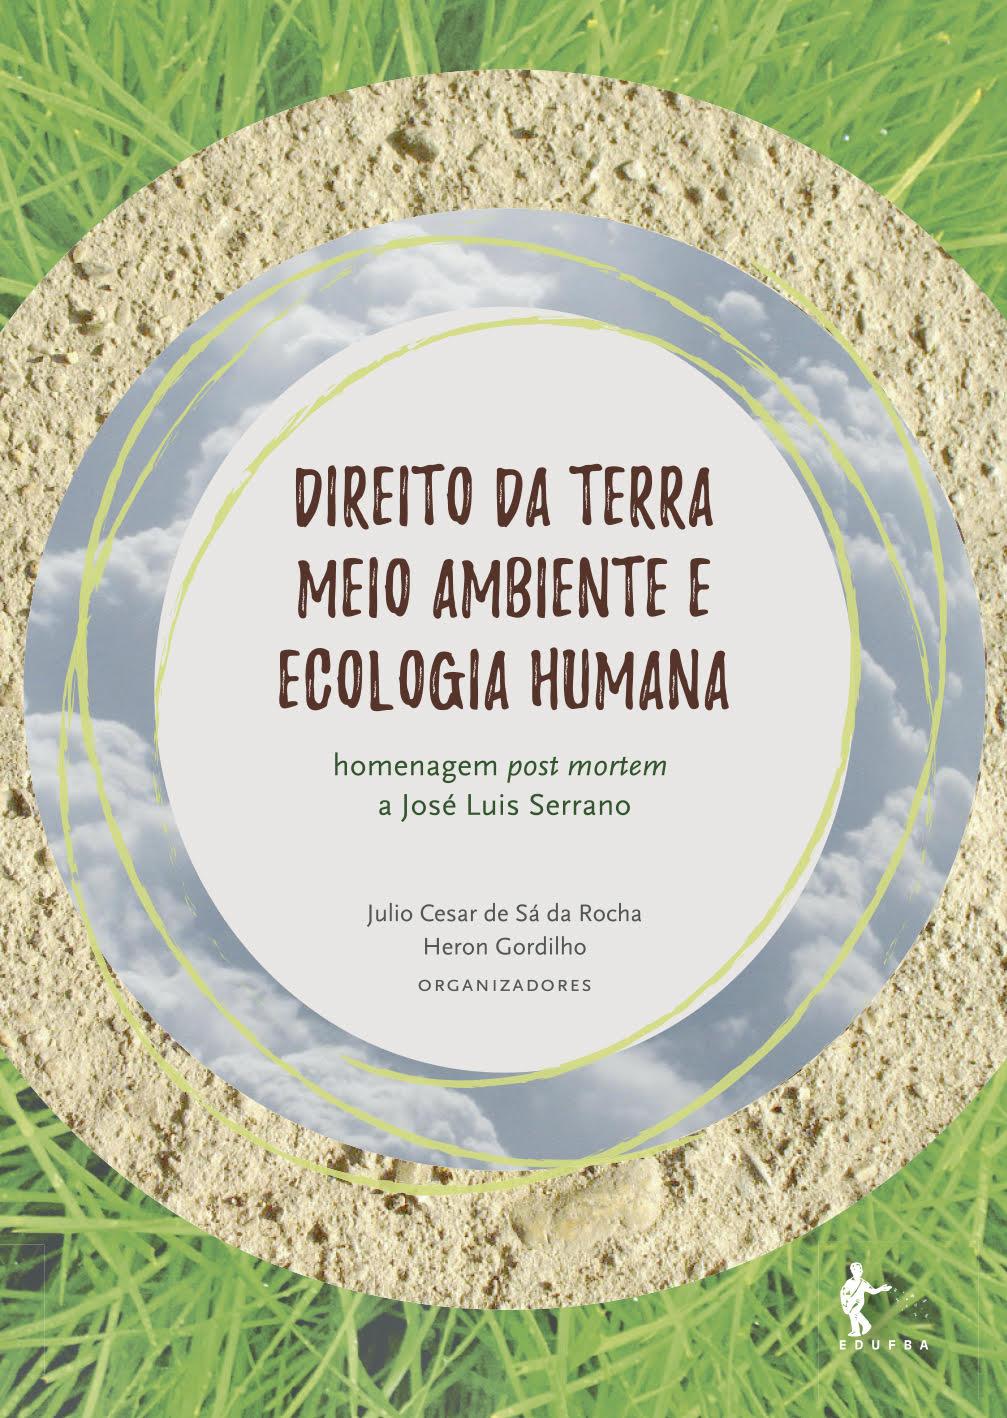 Direito da Terra, Meio Ambiente e Ecologia Humana, livro de Julio Cesar de Sá da Rocha, Heron Gordilho (Org.)